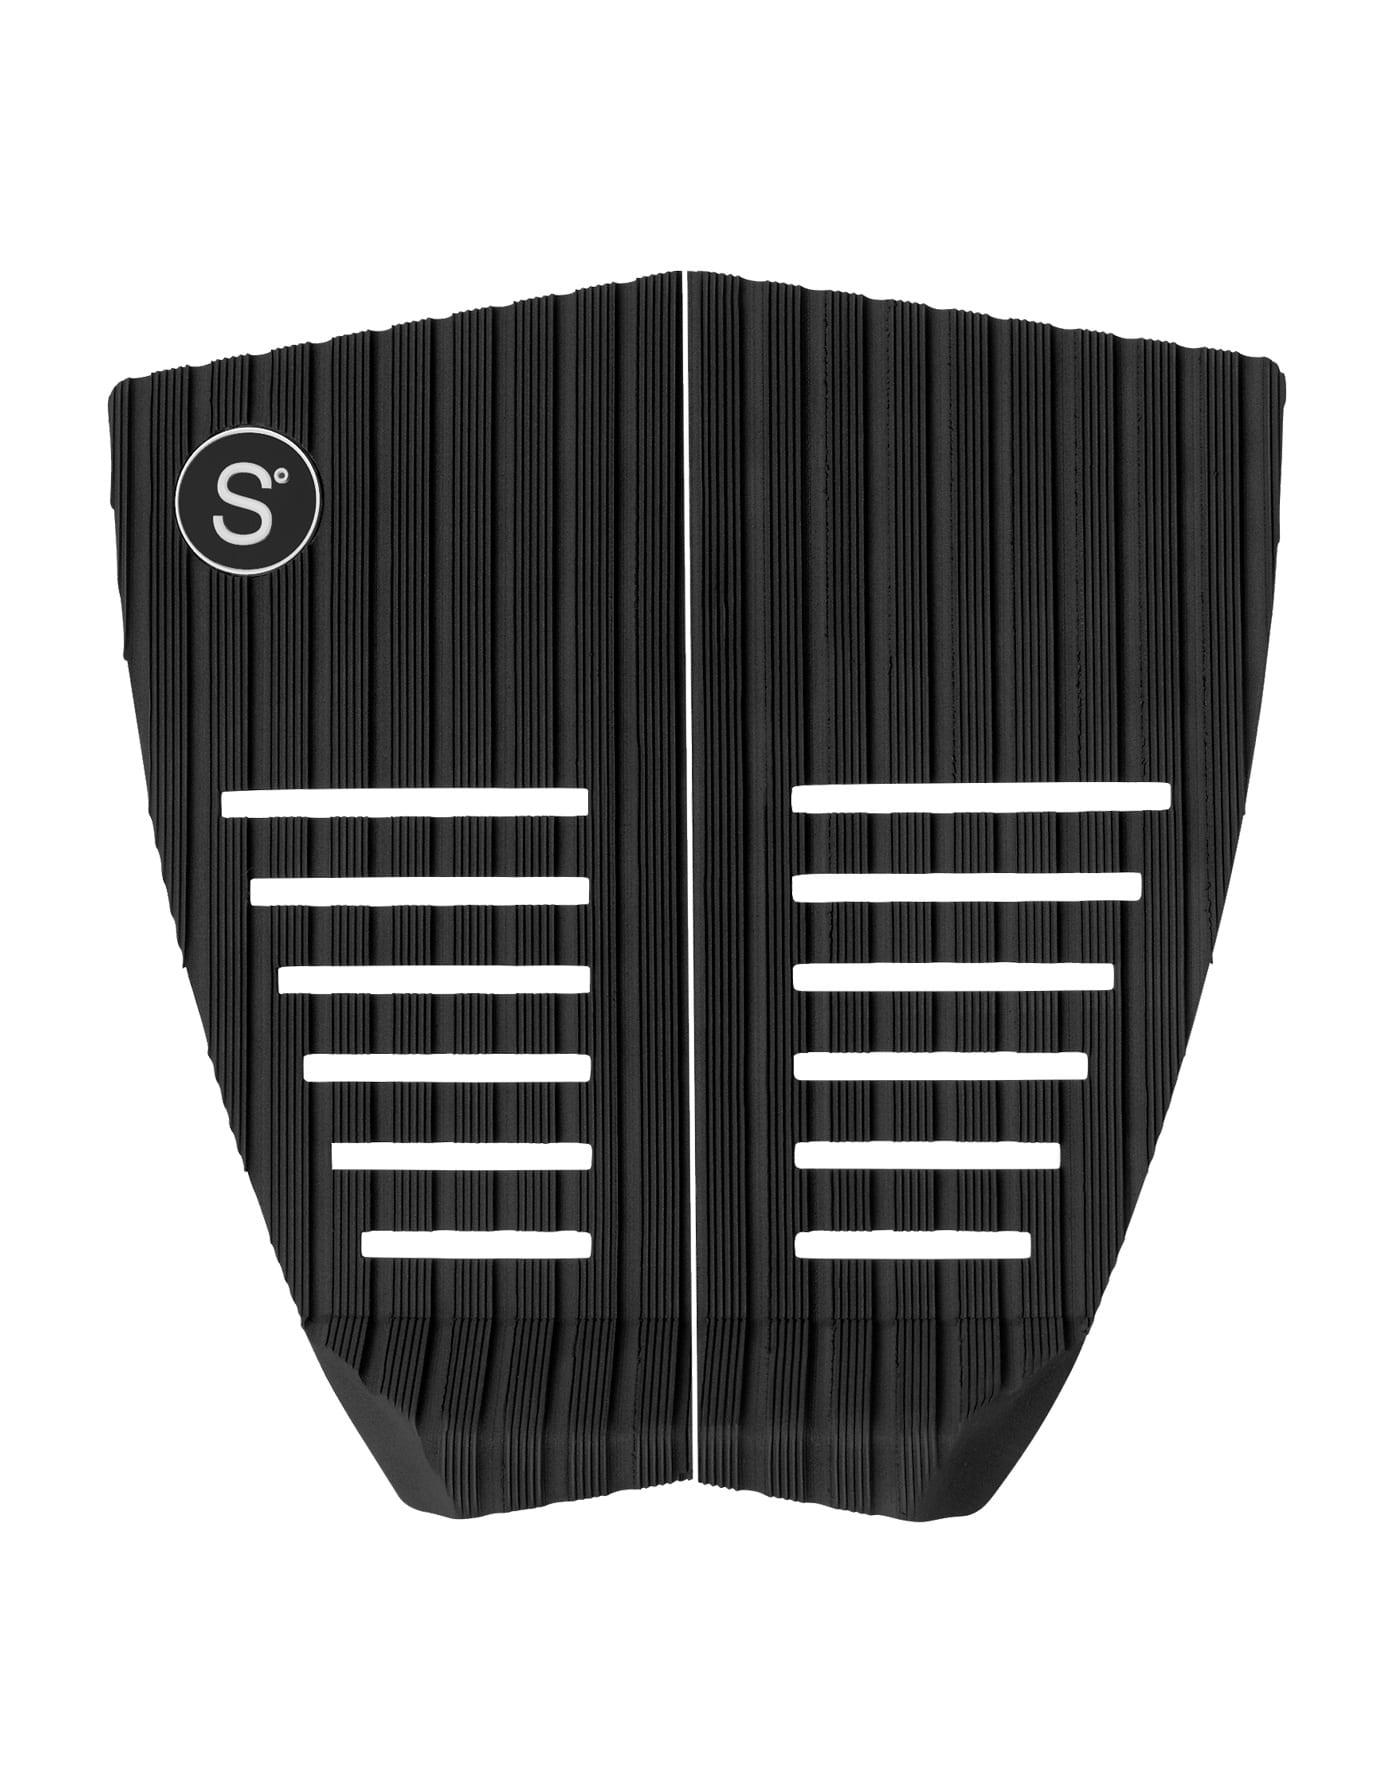 Nº1 Black - Surf Traction